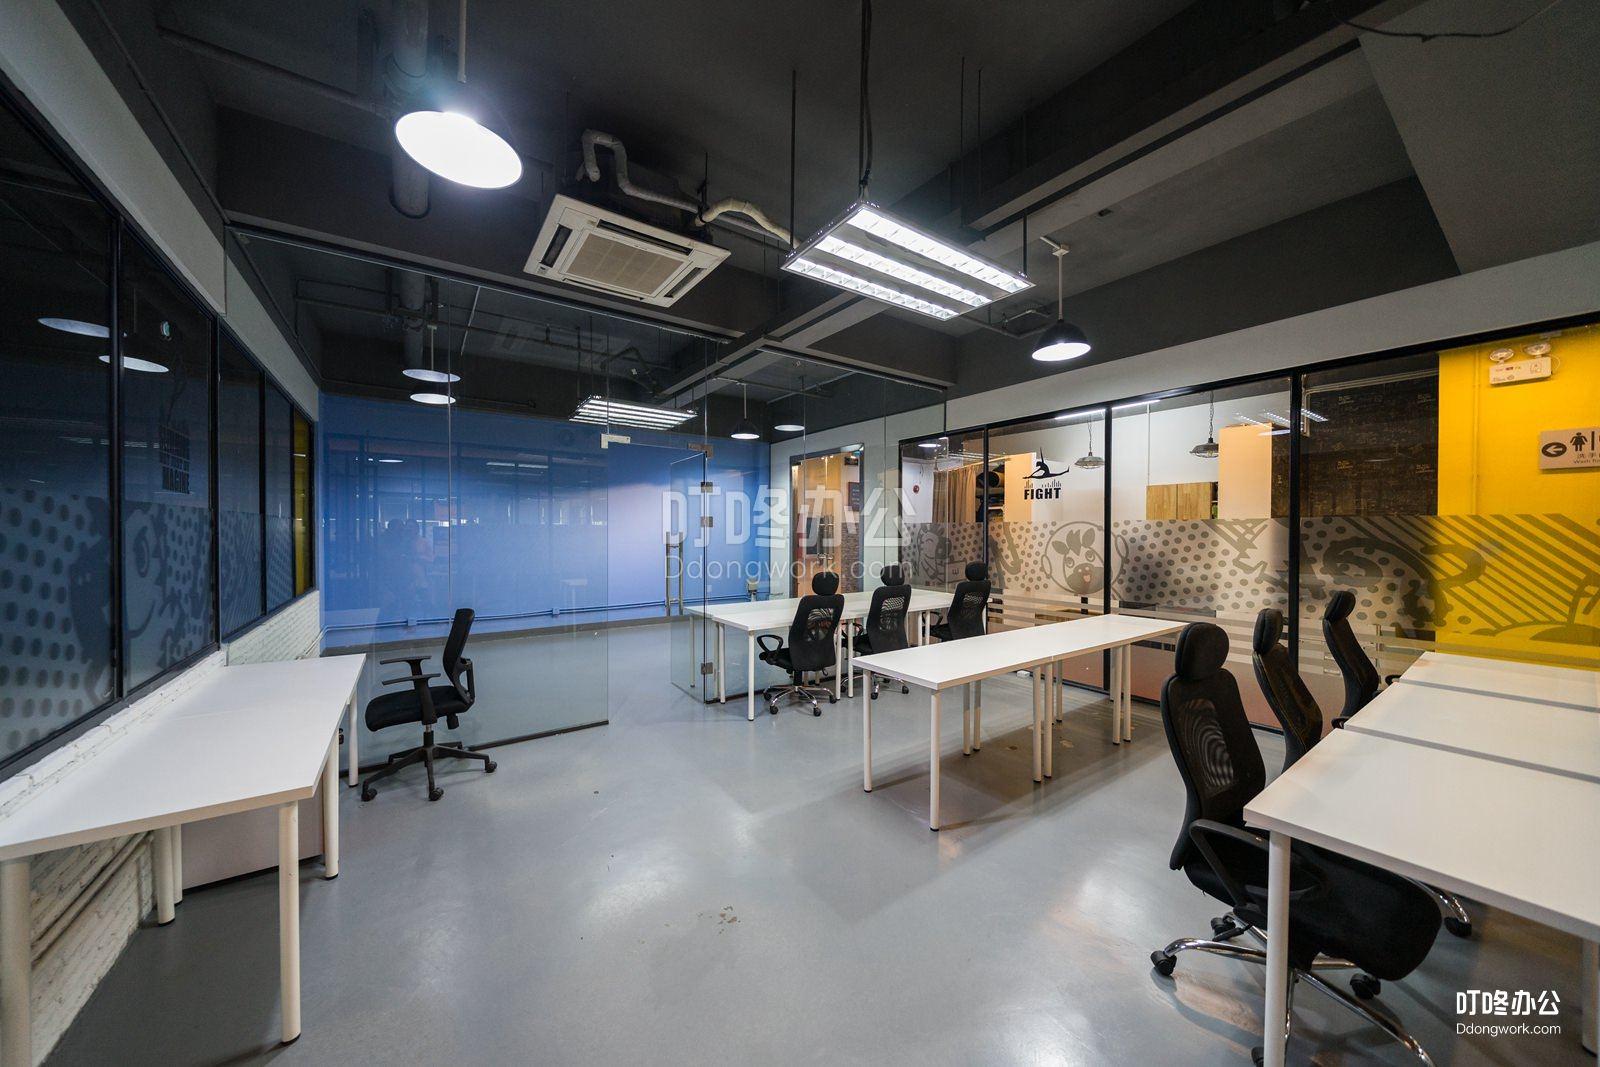 深圳yeswedo科技园社区•优客工场会议室